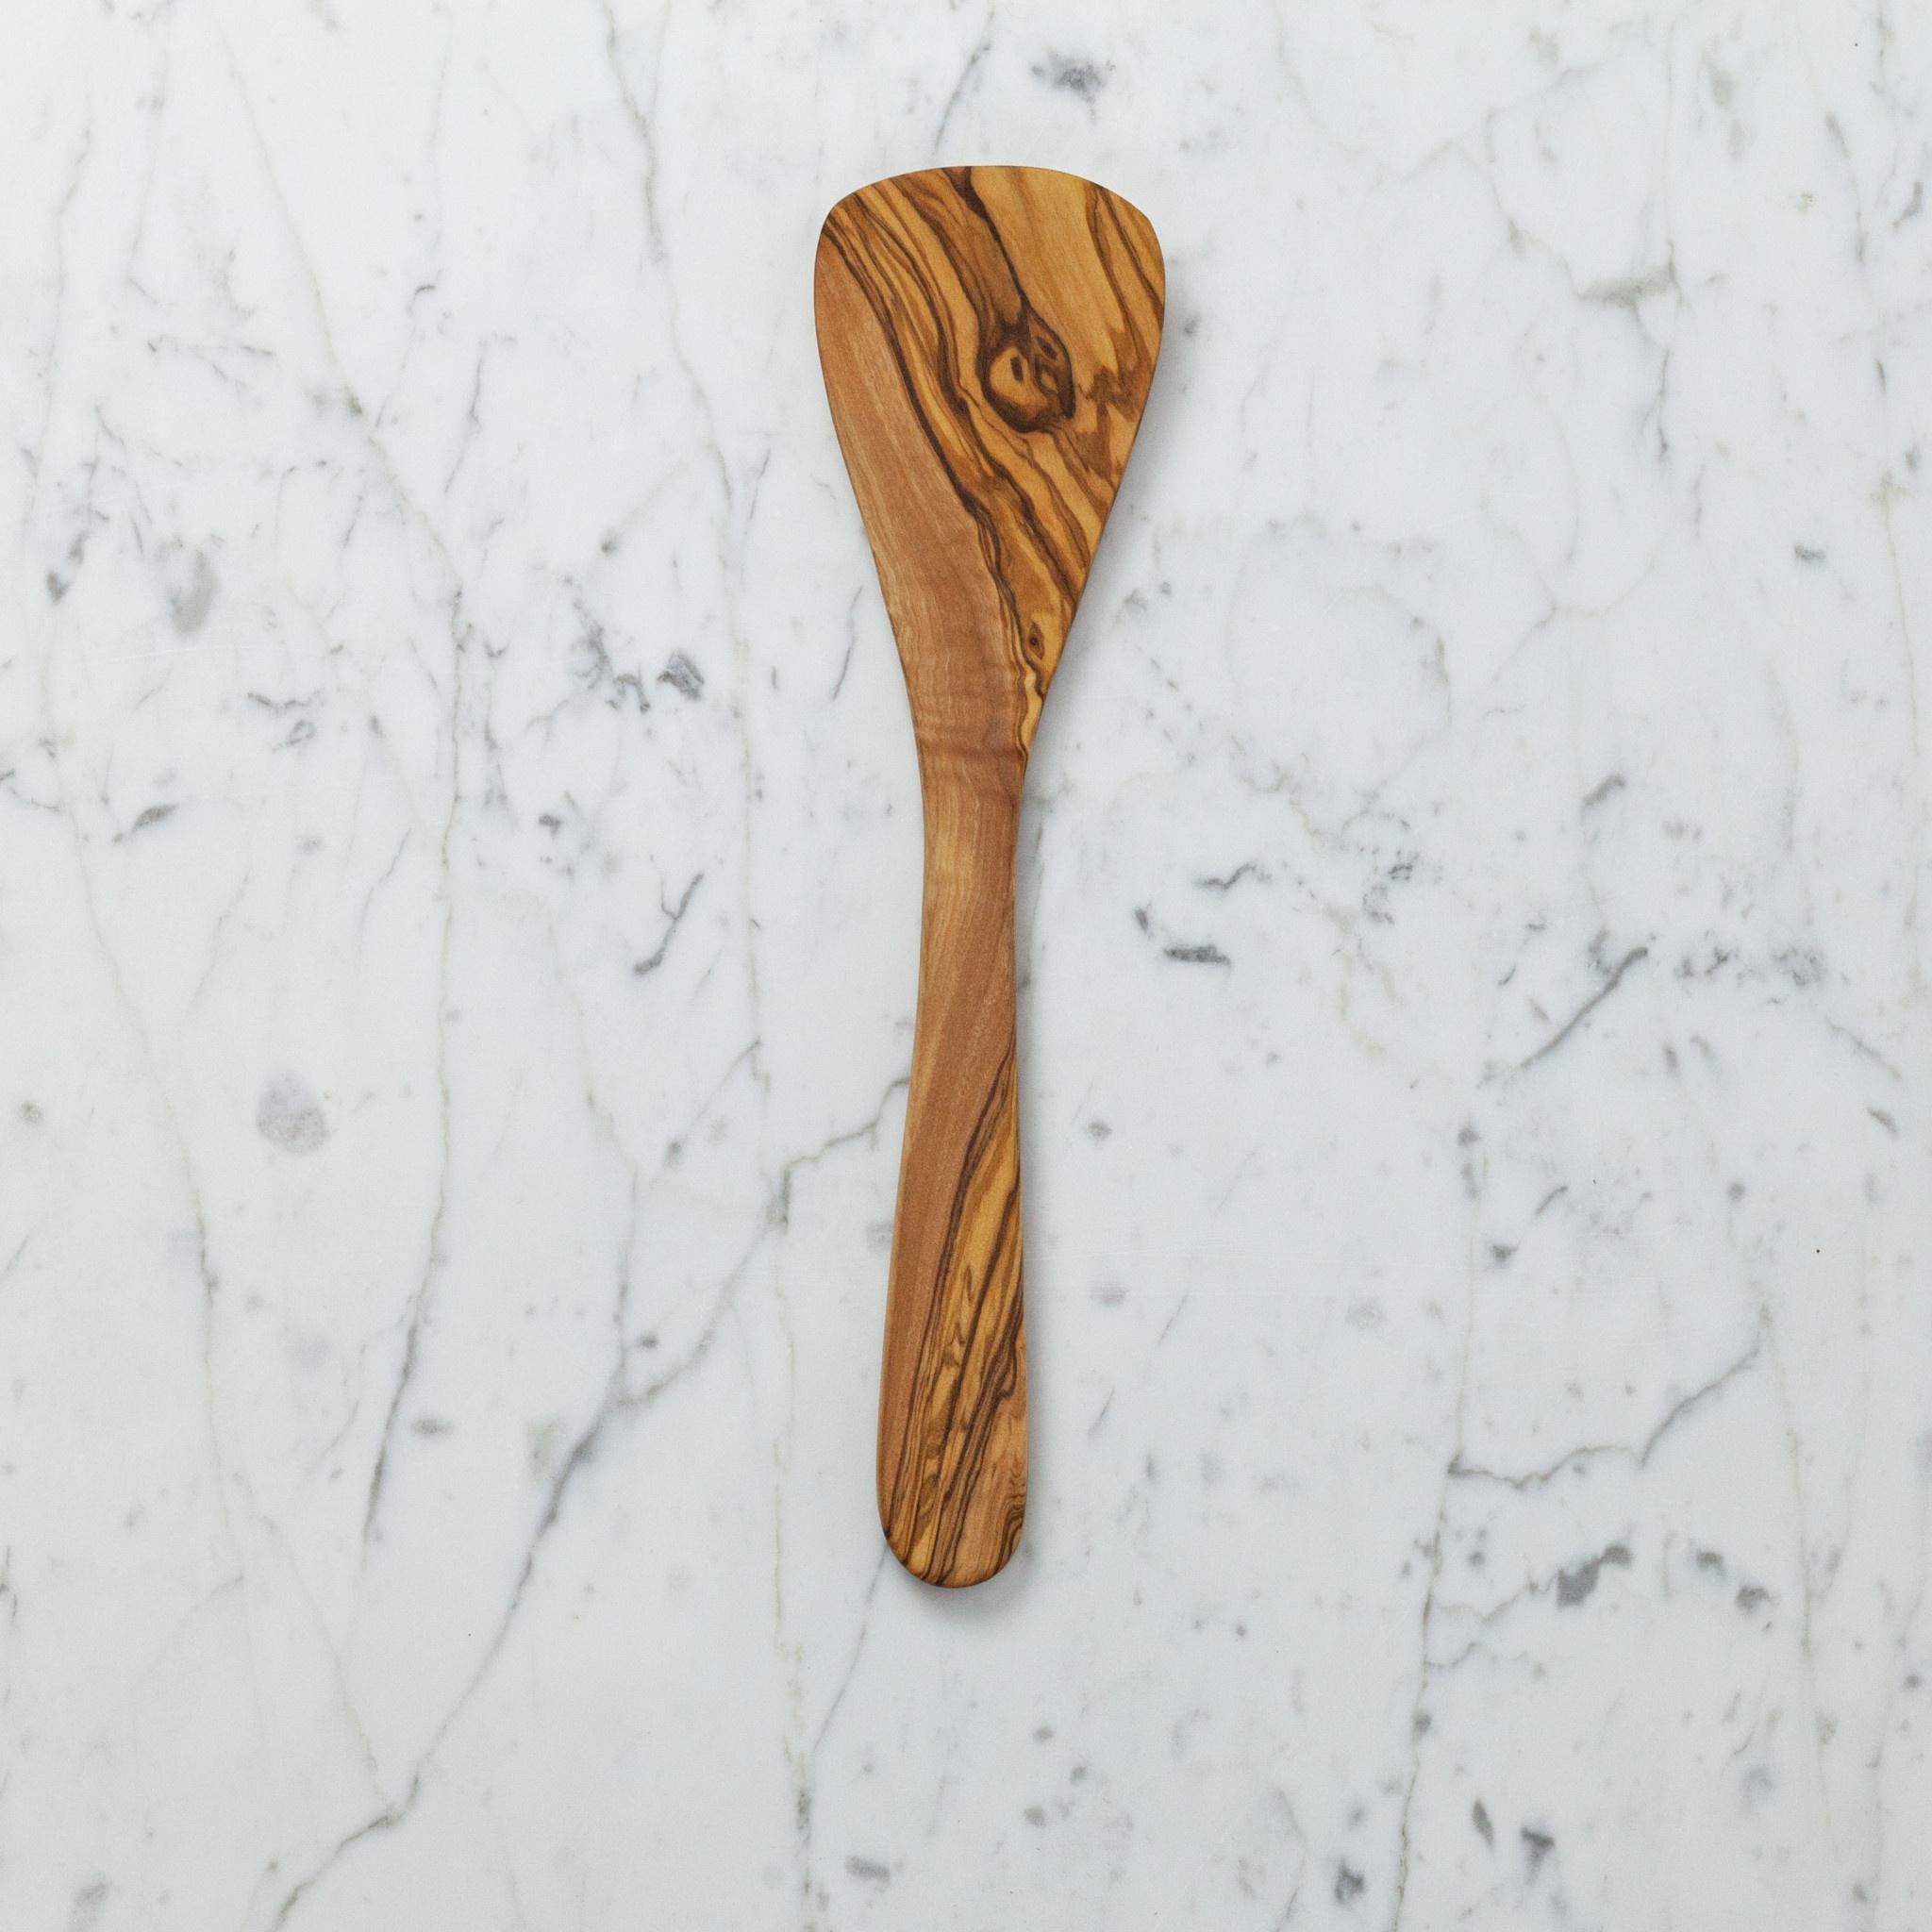 """Olive Wood Rounded Spatula - 11.5"""""""